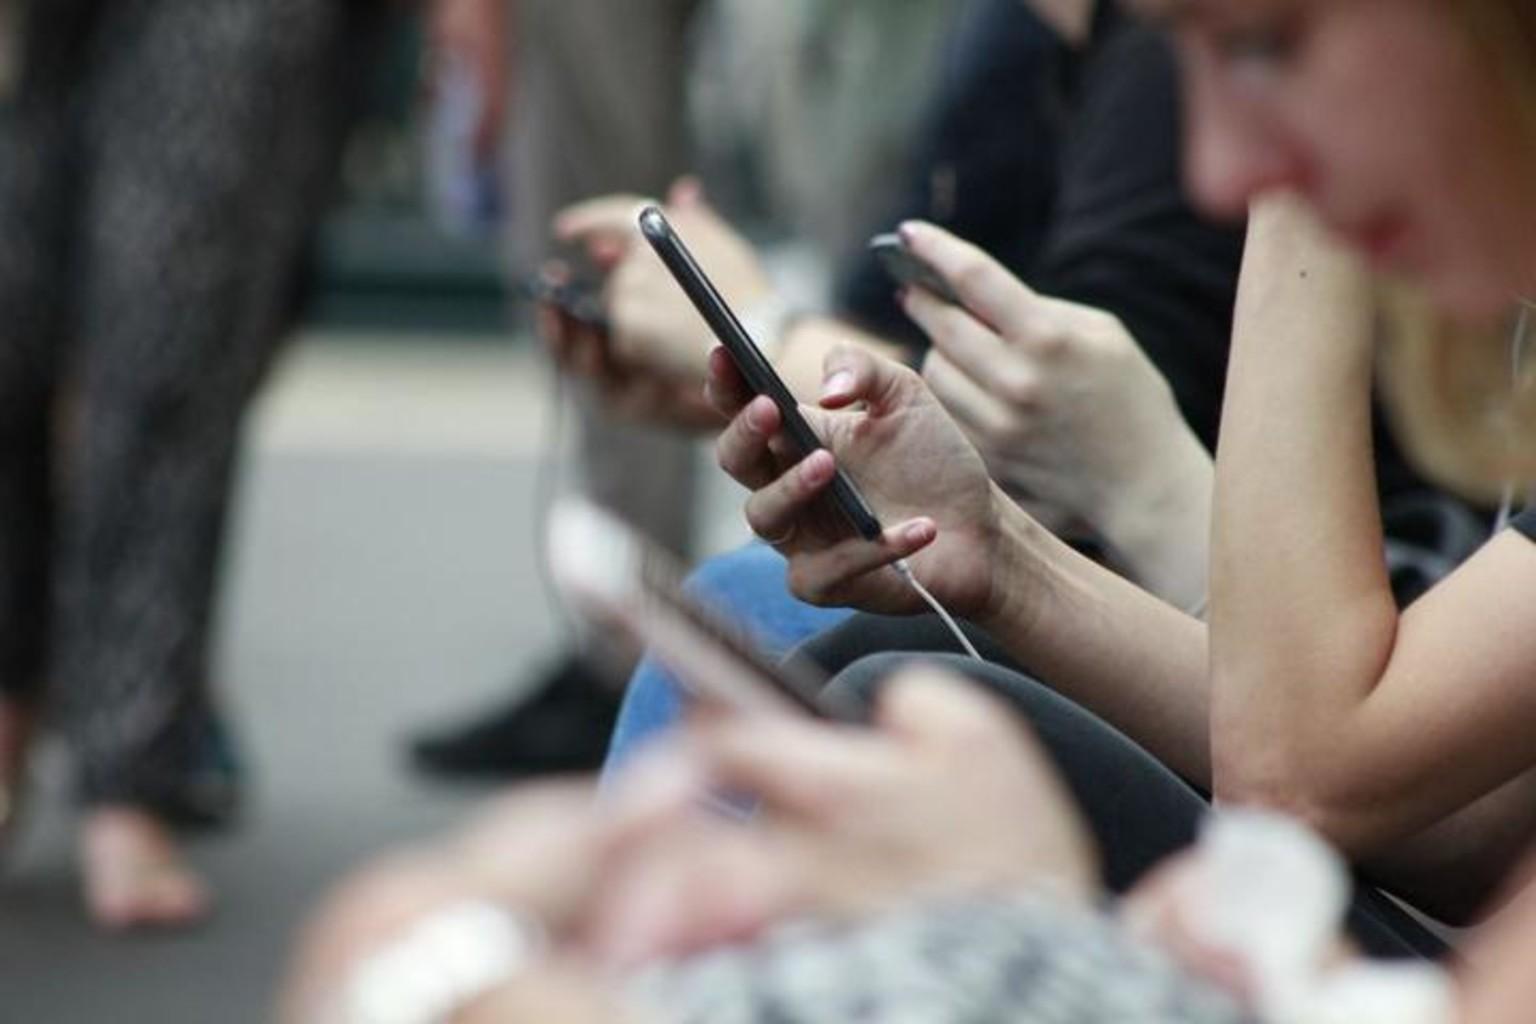 Smartfon lyudi mobilnyy telefon